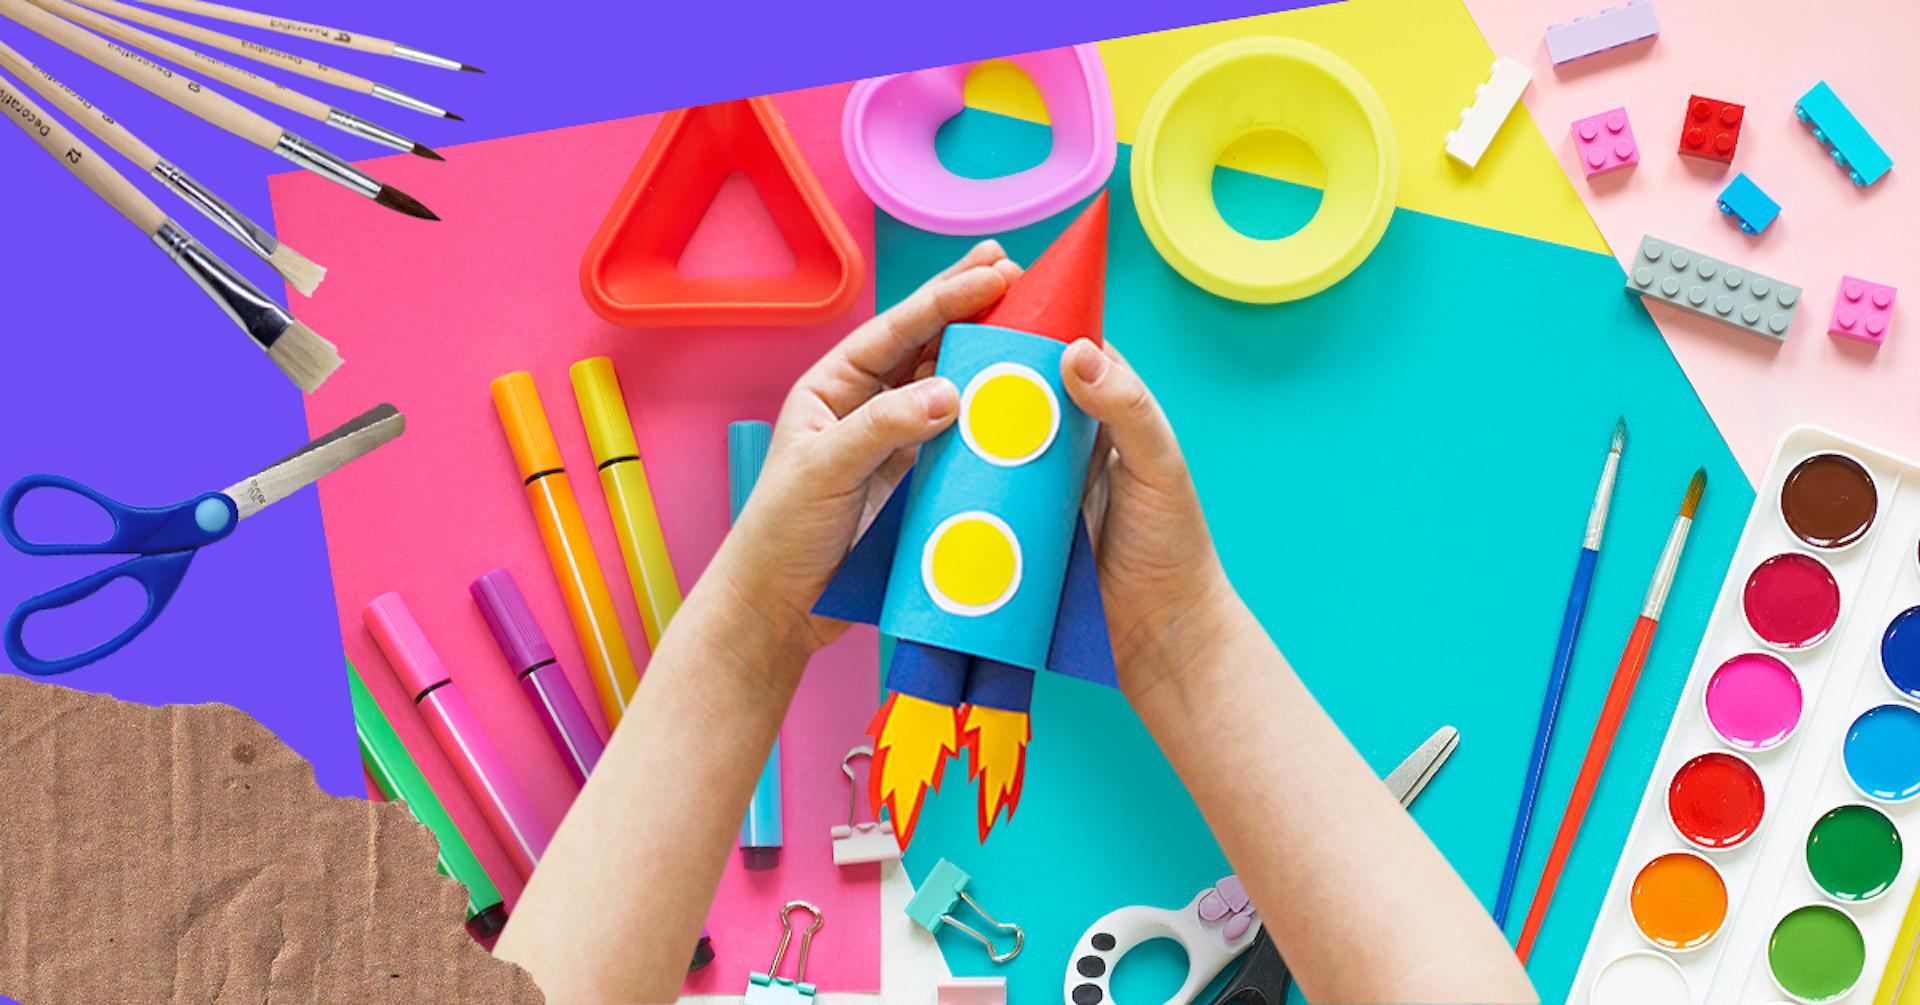 7 manualidades fáciles para niños que estimularán su creatividad